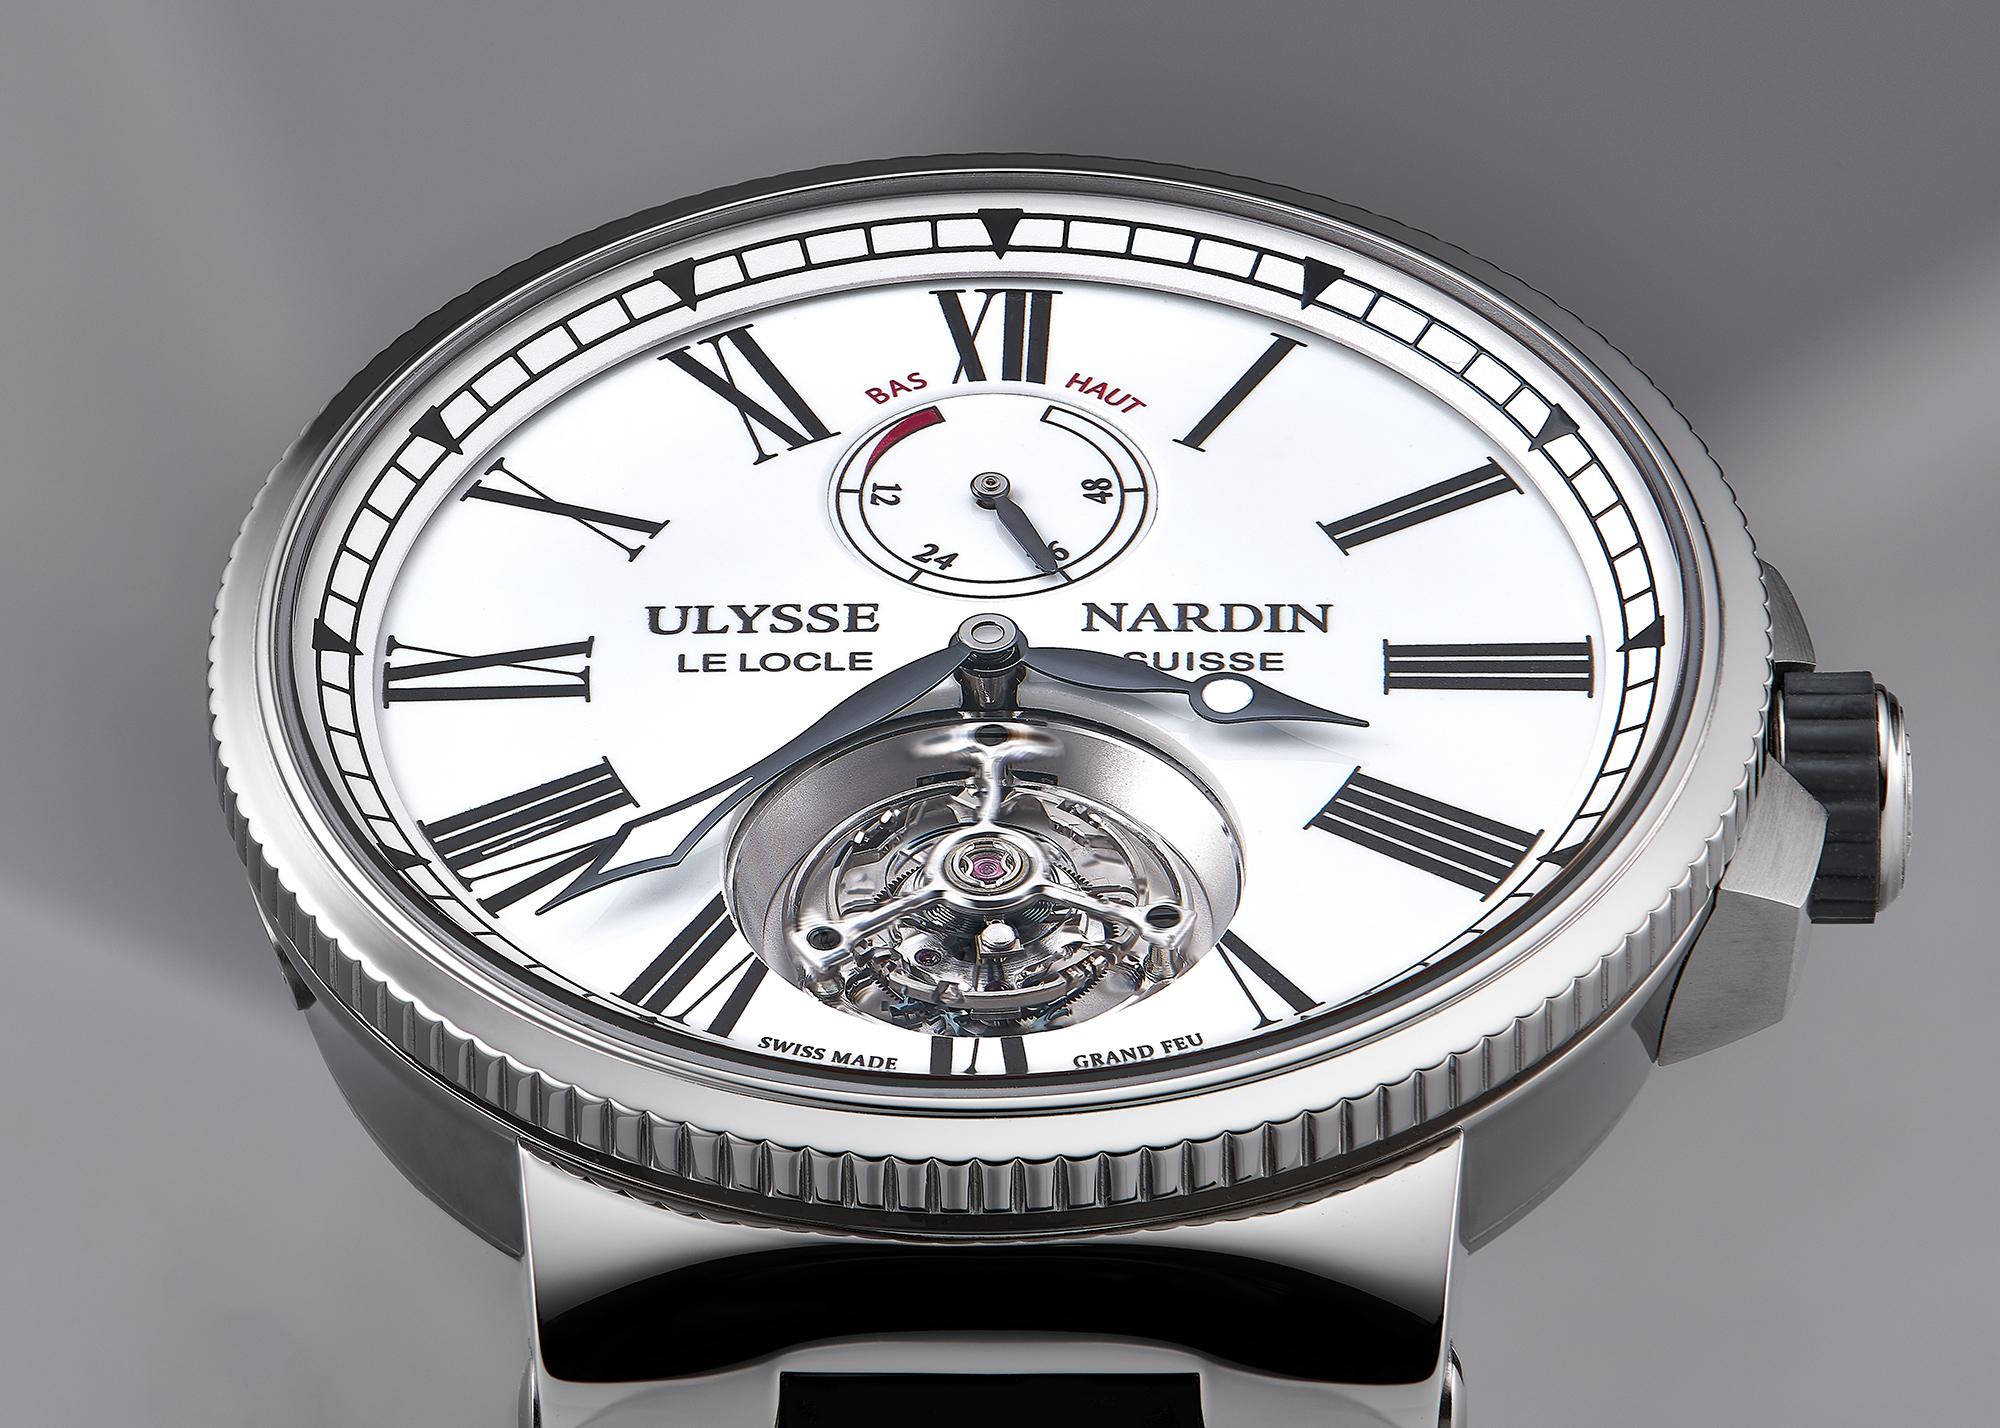 photo de la montre marine tourbillon d la marque ulysse nardin la chaux de fonds